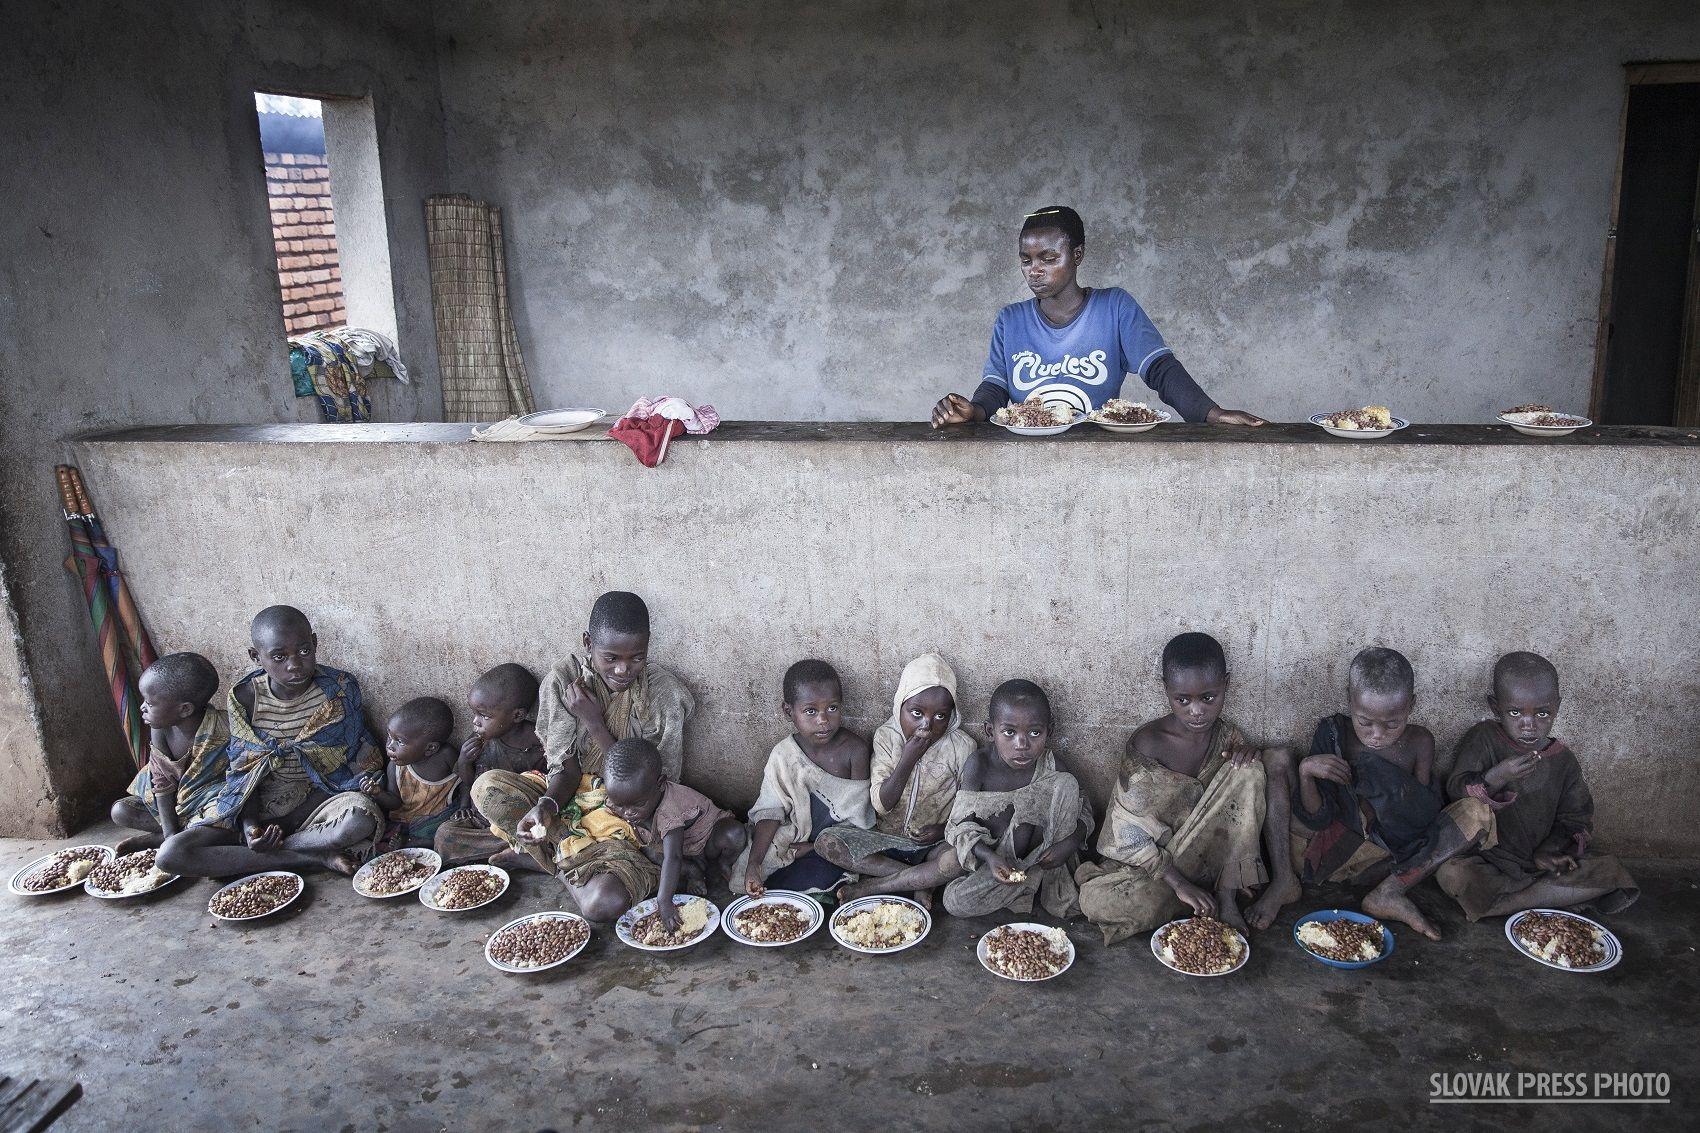 Víťazi Slovak Press Photo bodovali tematikou utečencov, parížskych útokov a olympiády